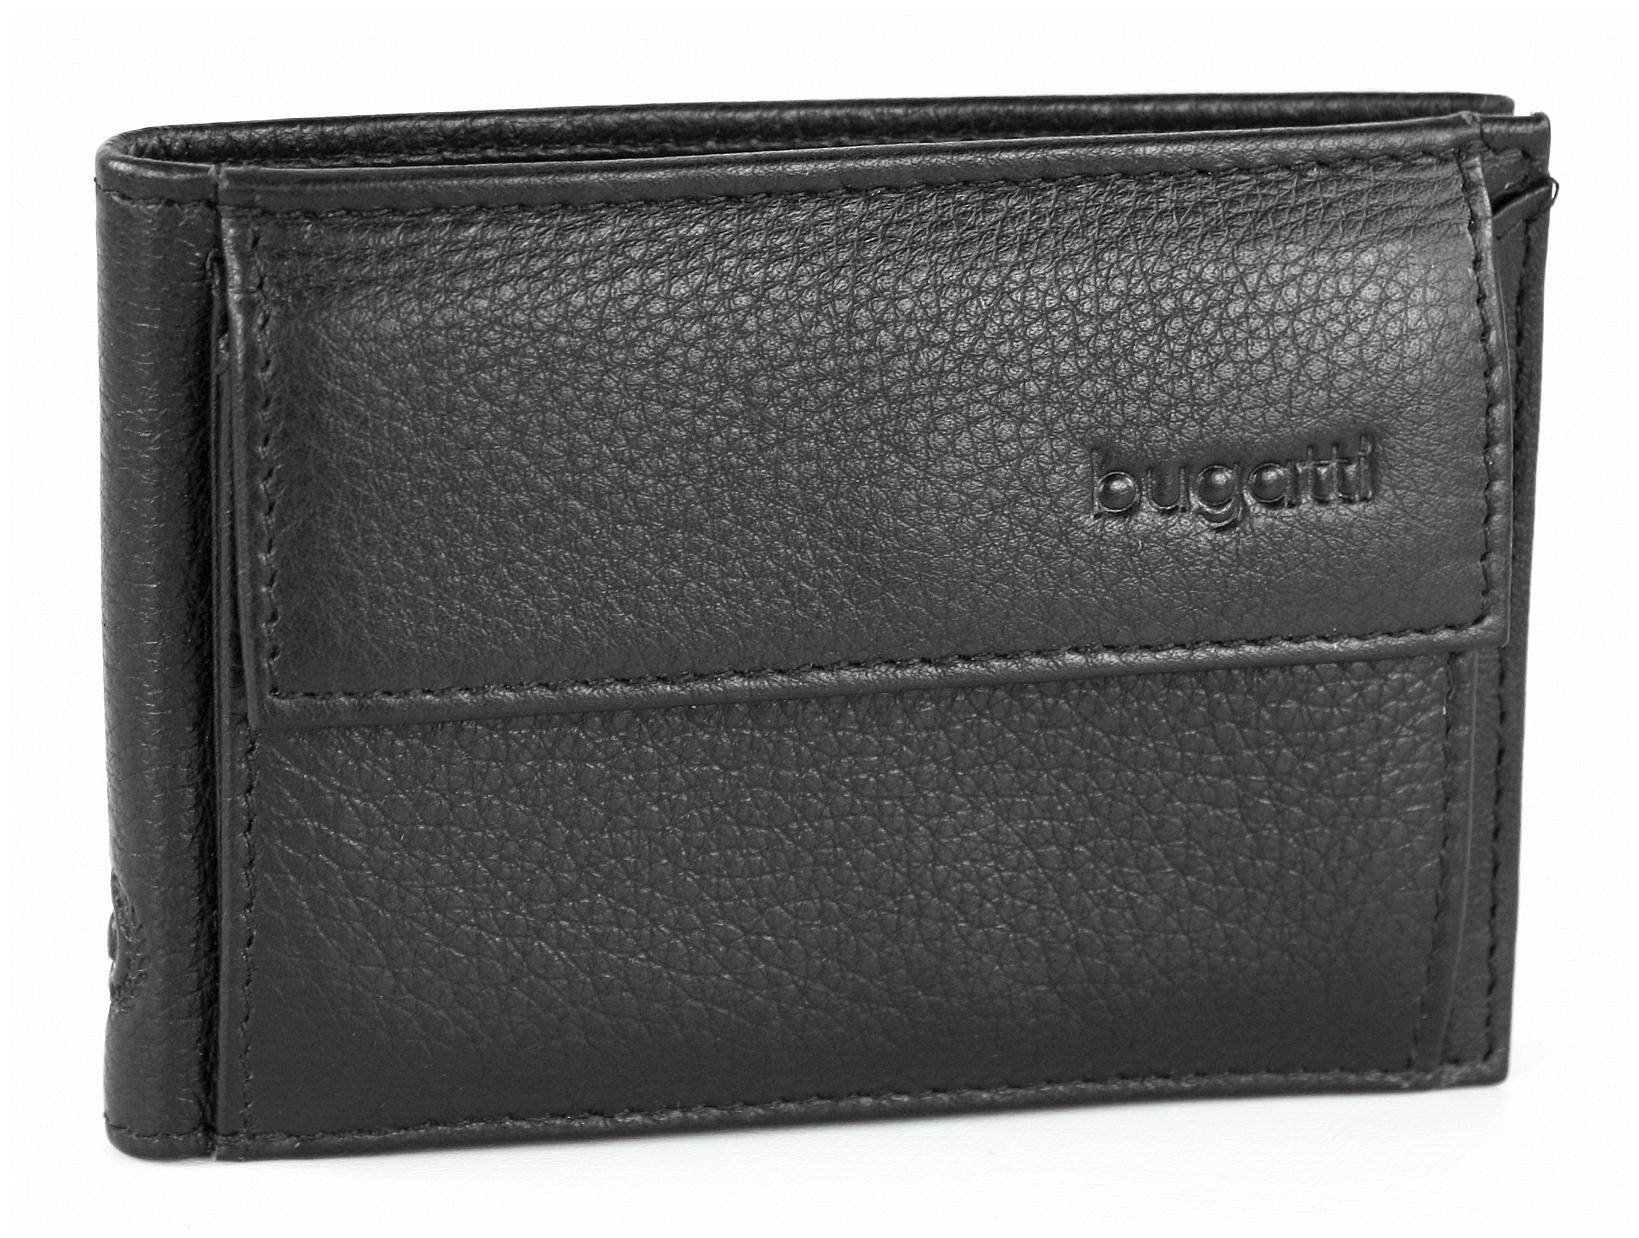 Bugatti Pánská kožená peněženka SEMPRE 49118001 černá